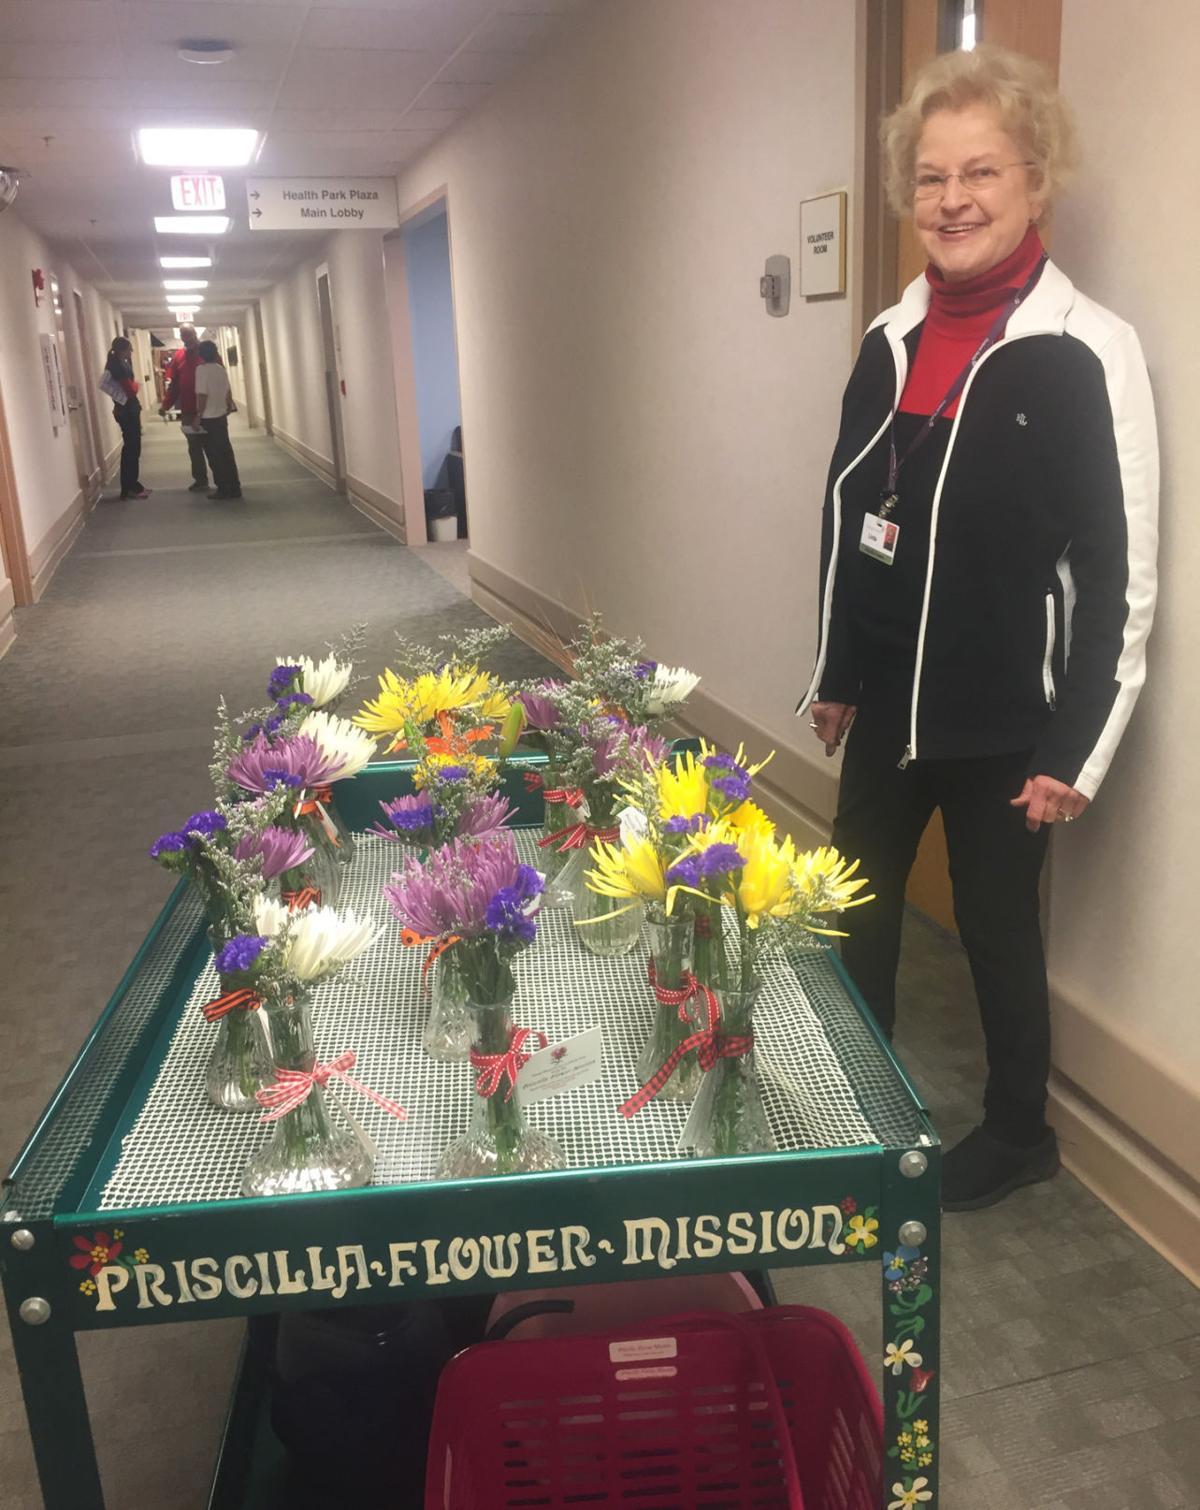 Priscilla Flower Mission